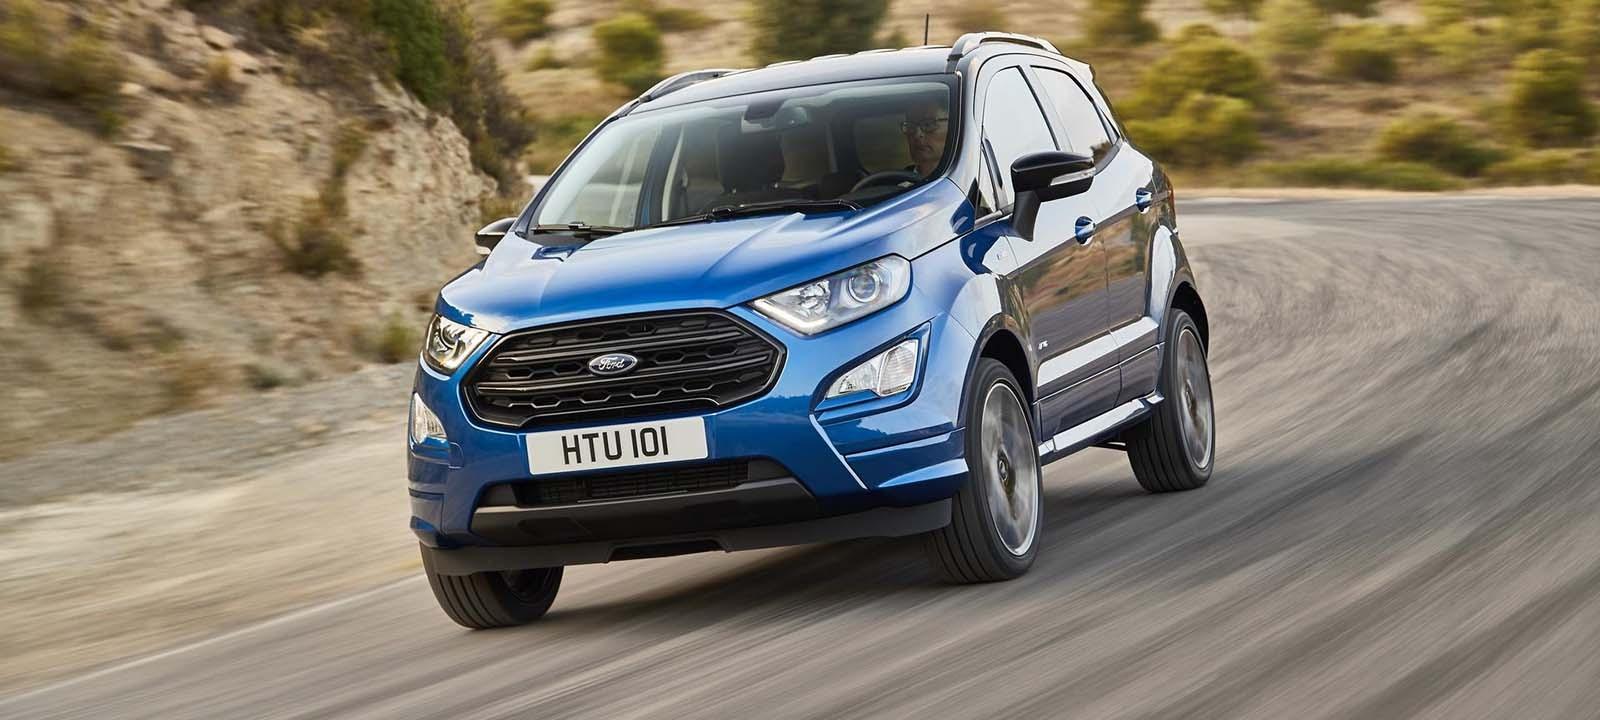 Тест Ford EcoSport 2018: свежая внешность и совершенно новый интерьер